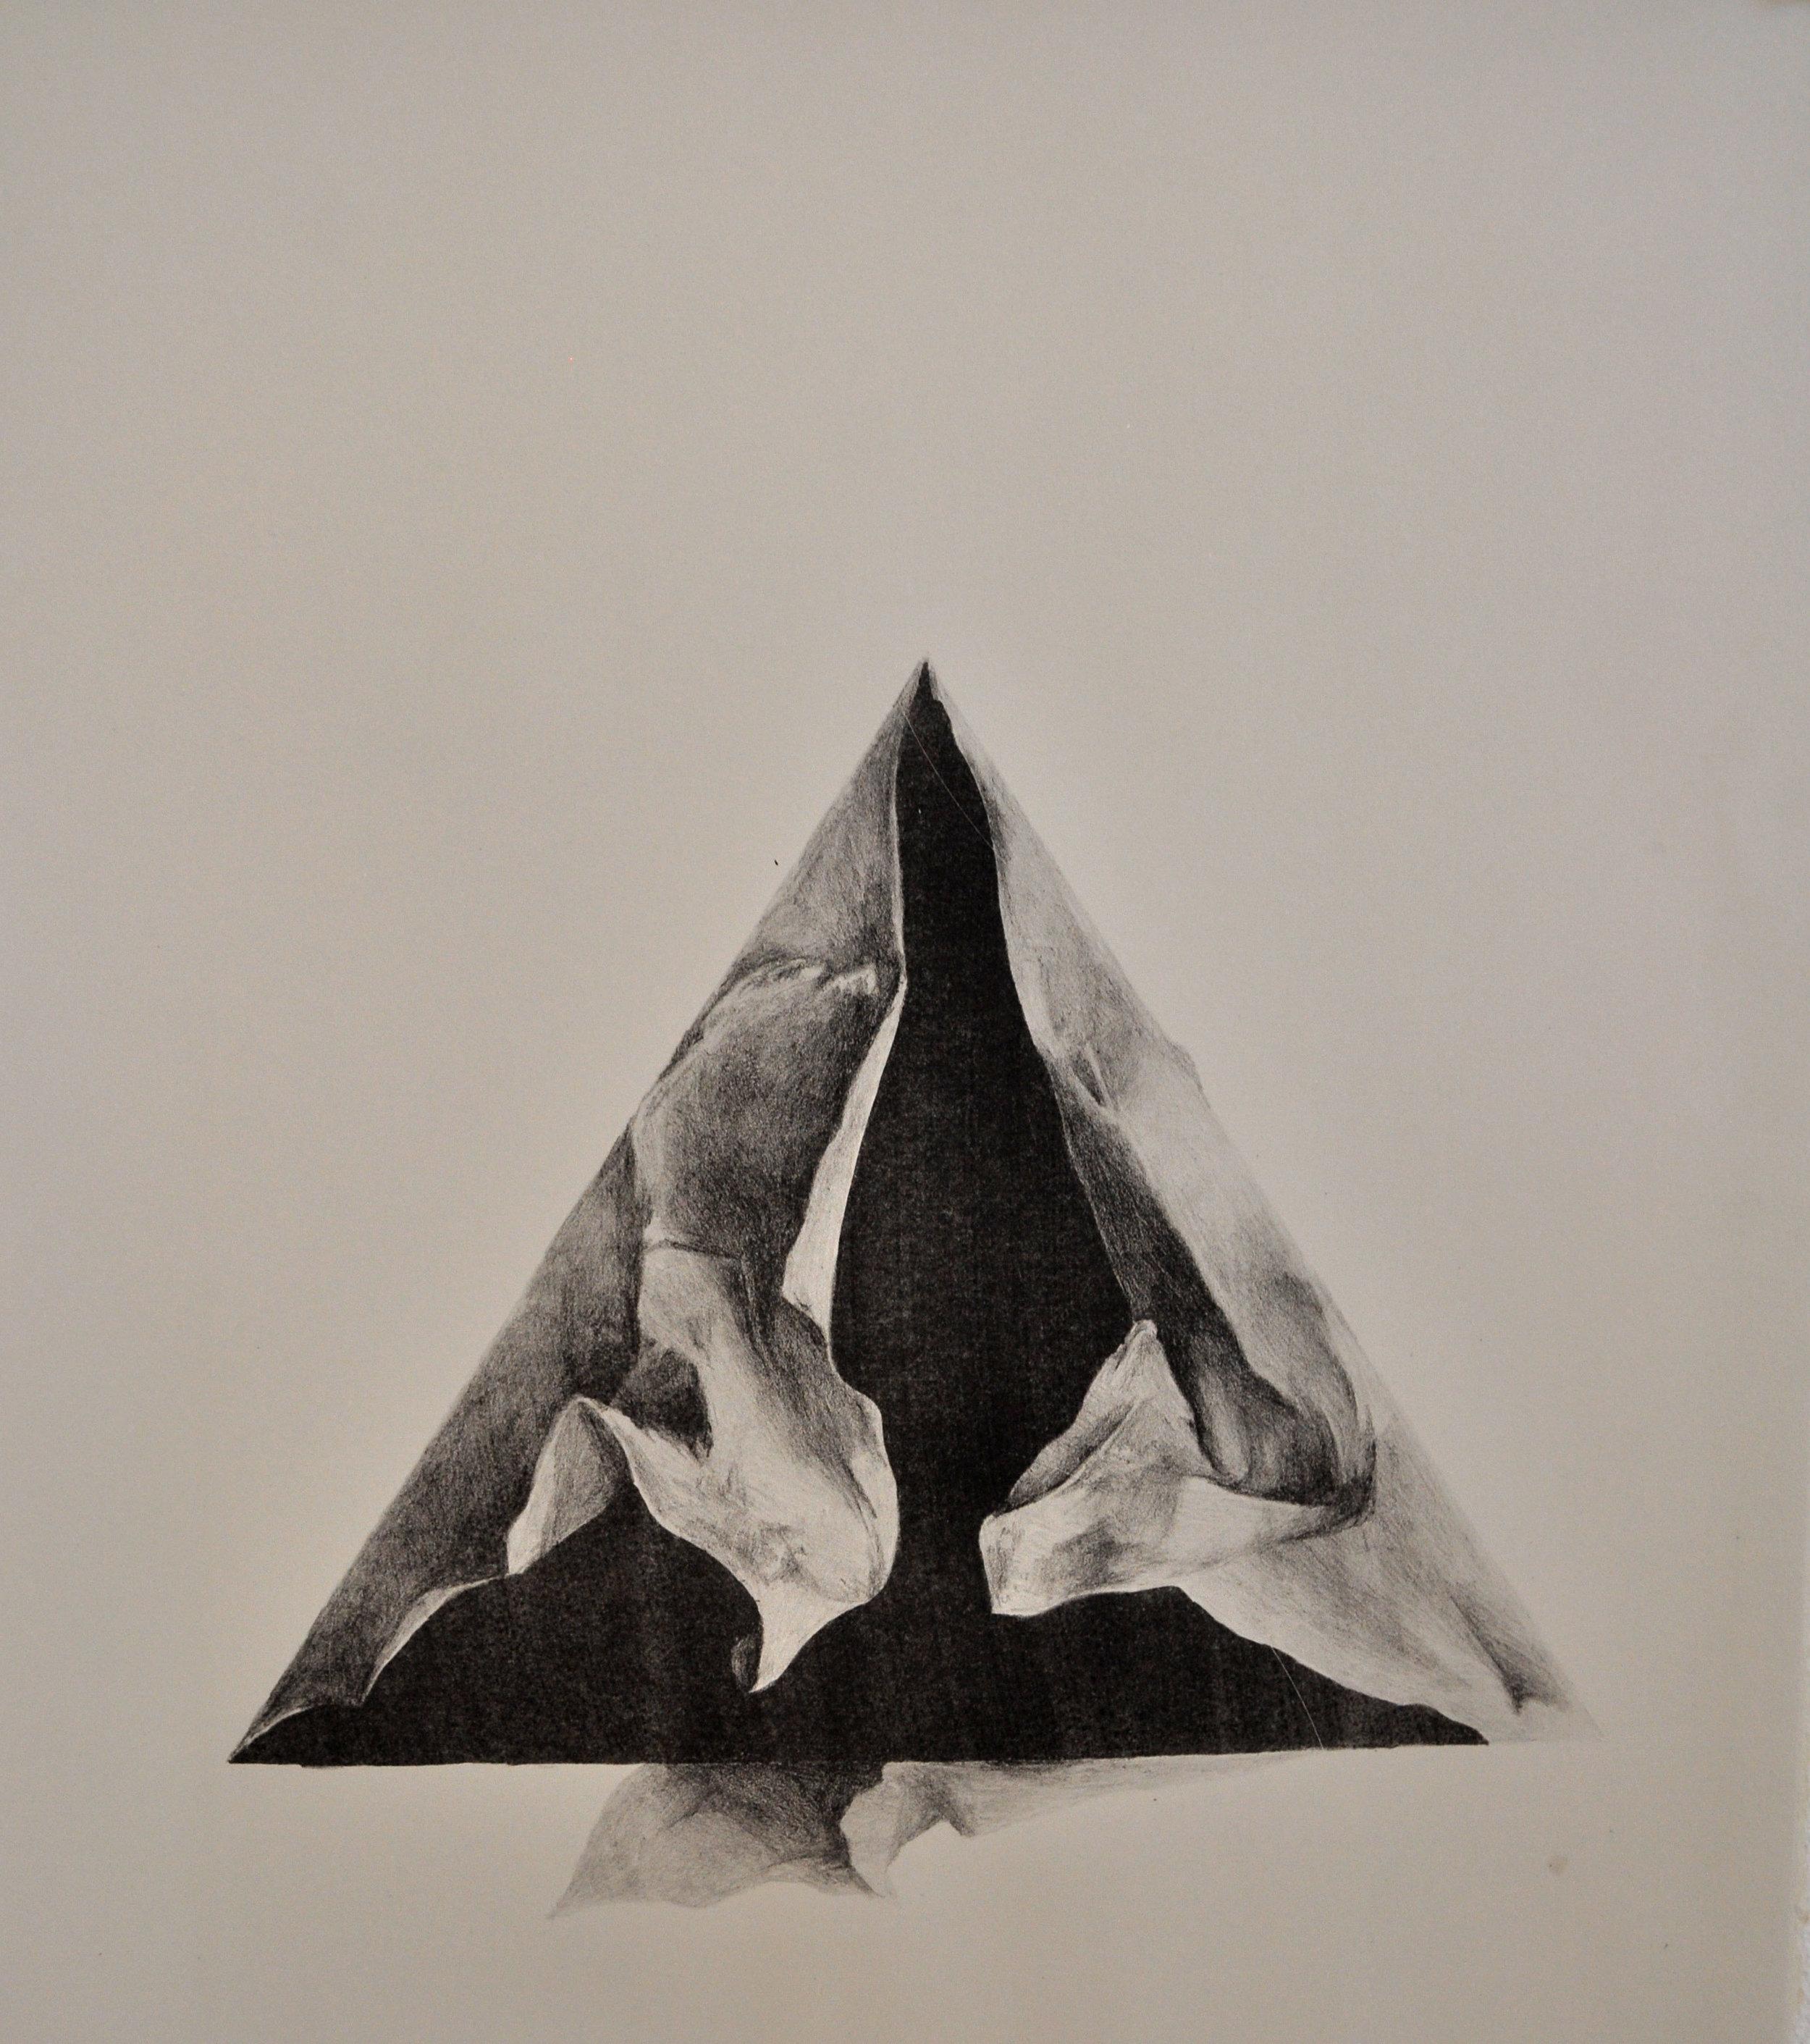 litho_triangle_02.jpg